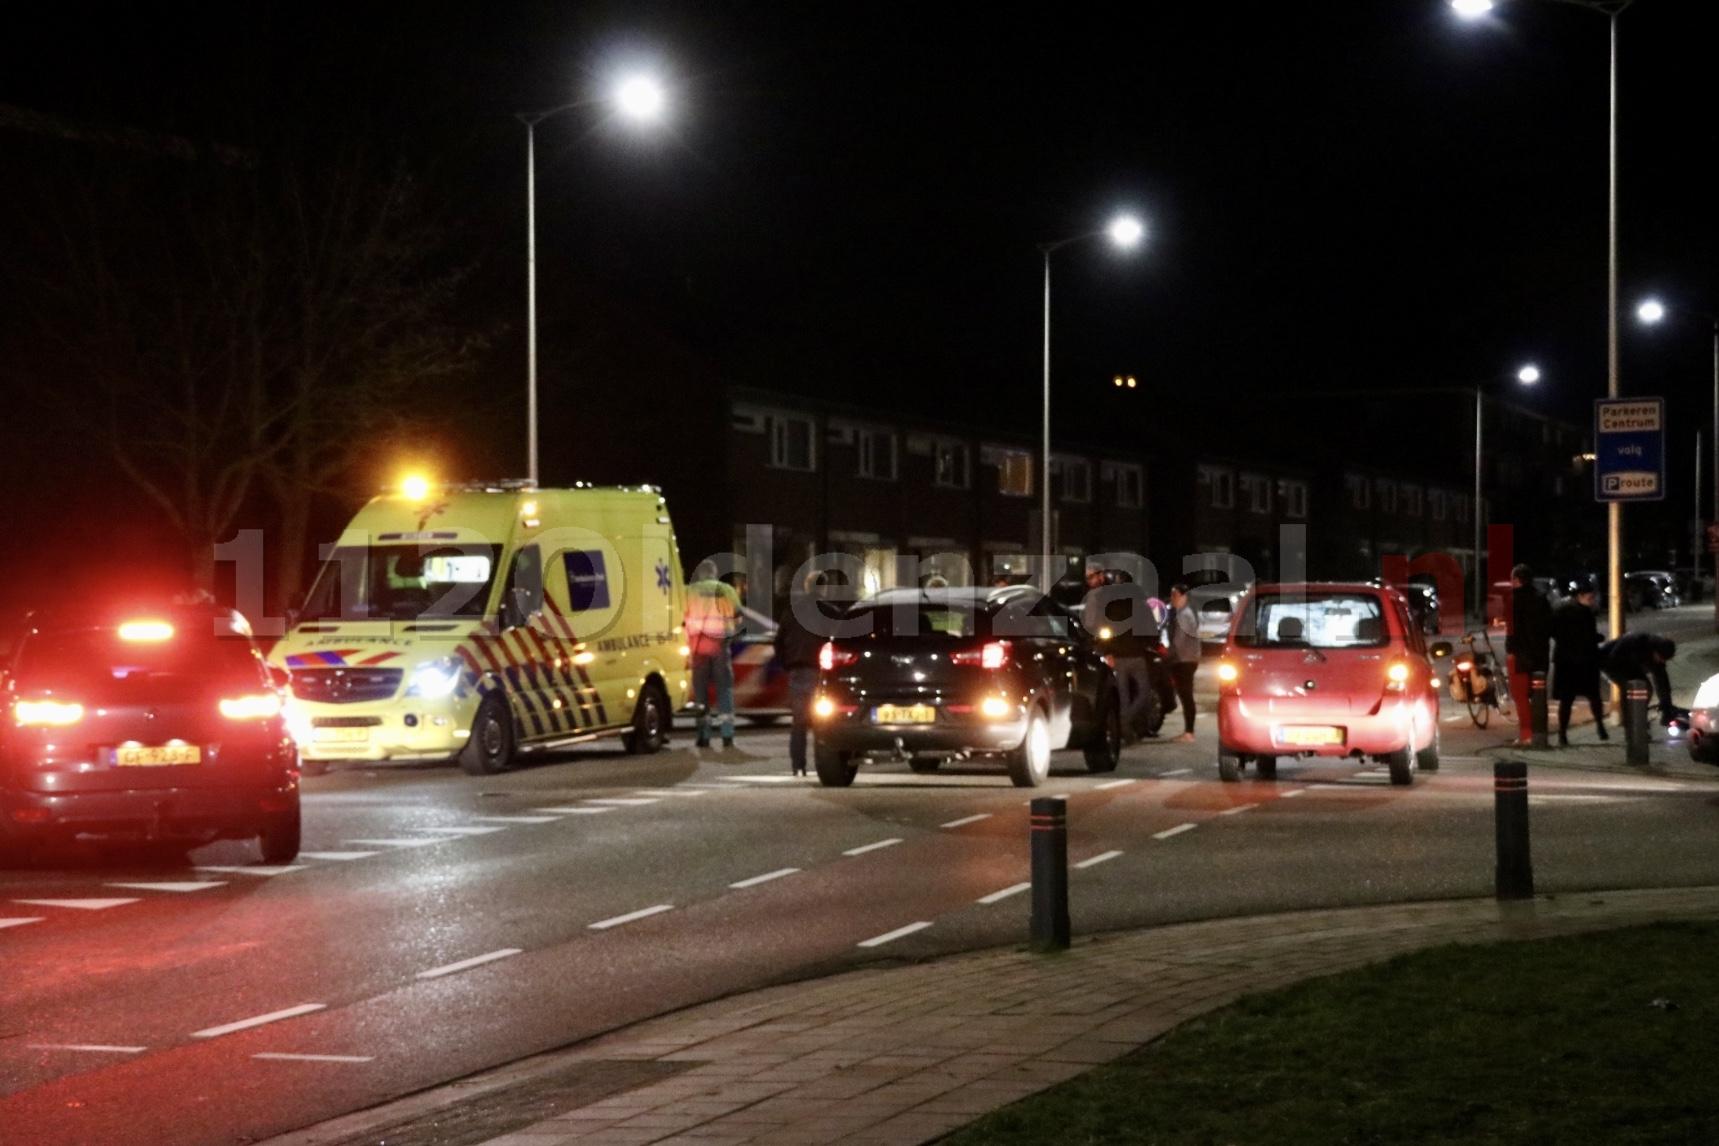 Fietser gewond na aanrijding met auto in Oldenzaal